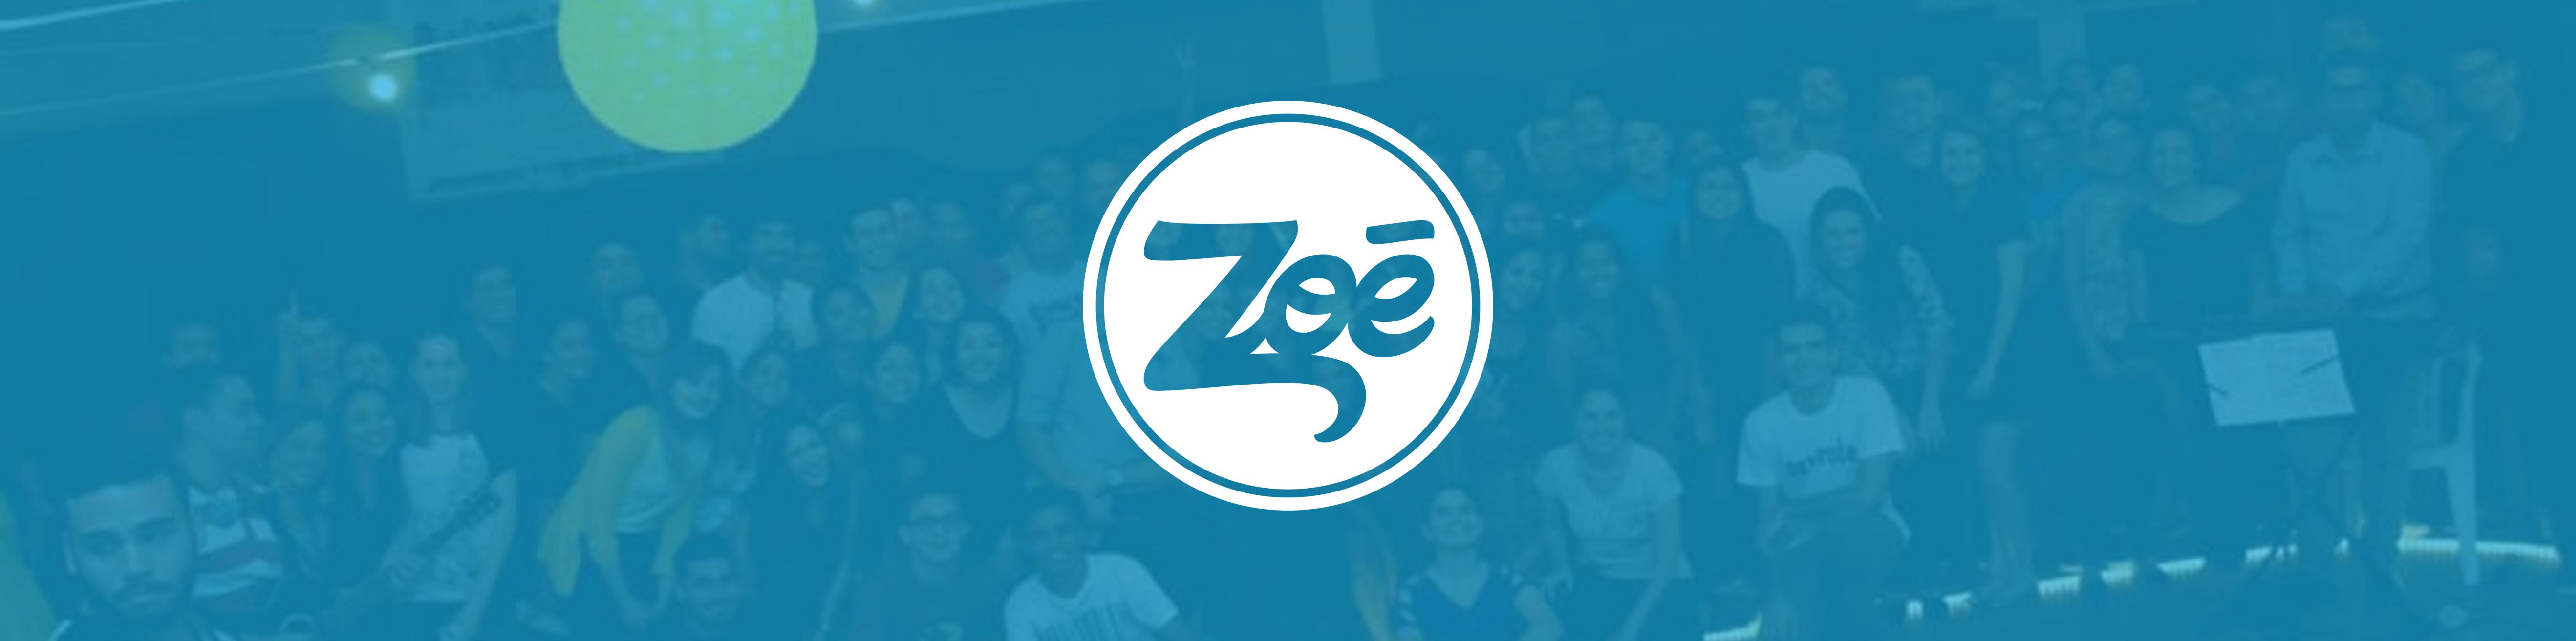 Banner Zoe